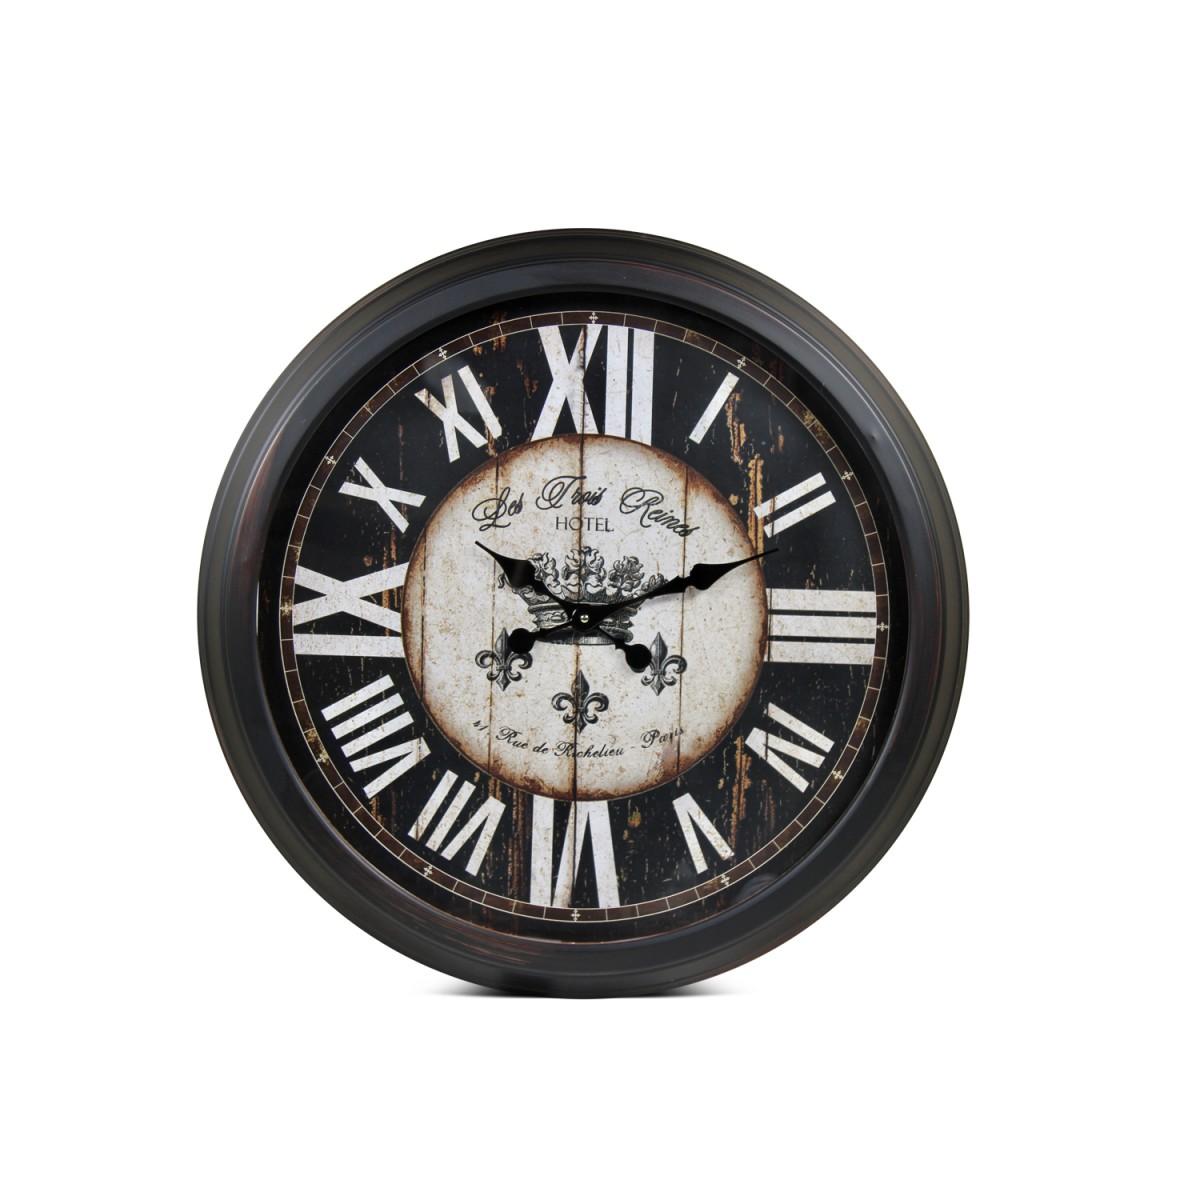 Grande Horloge Ancienne Murale Hôtel Les Trois Reines Métal Noir 70cm